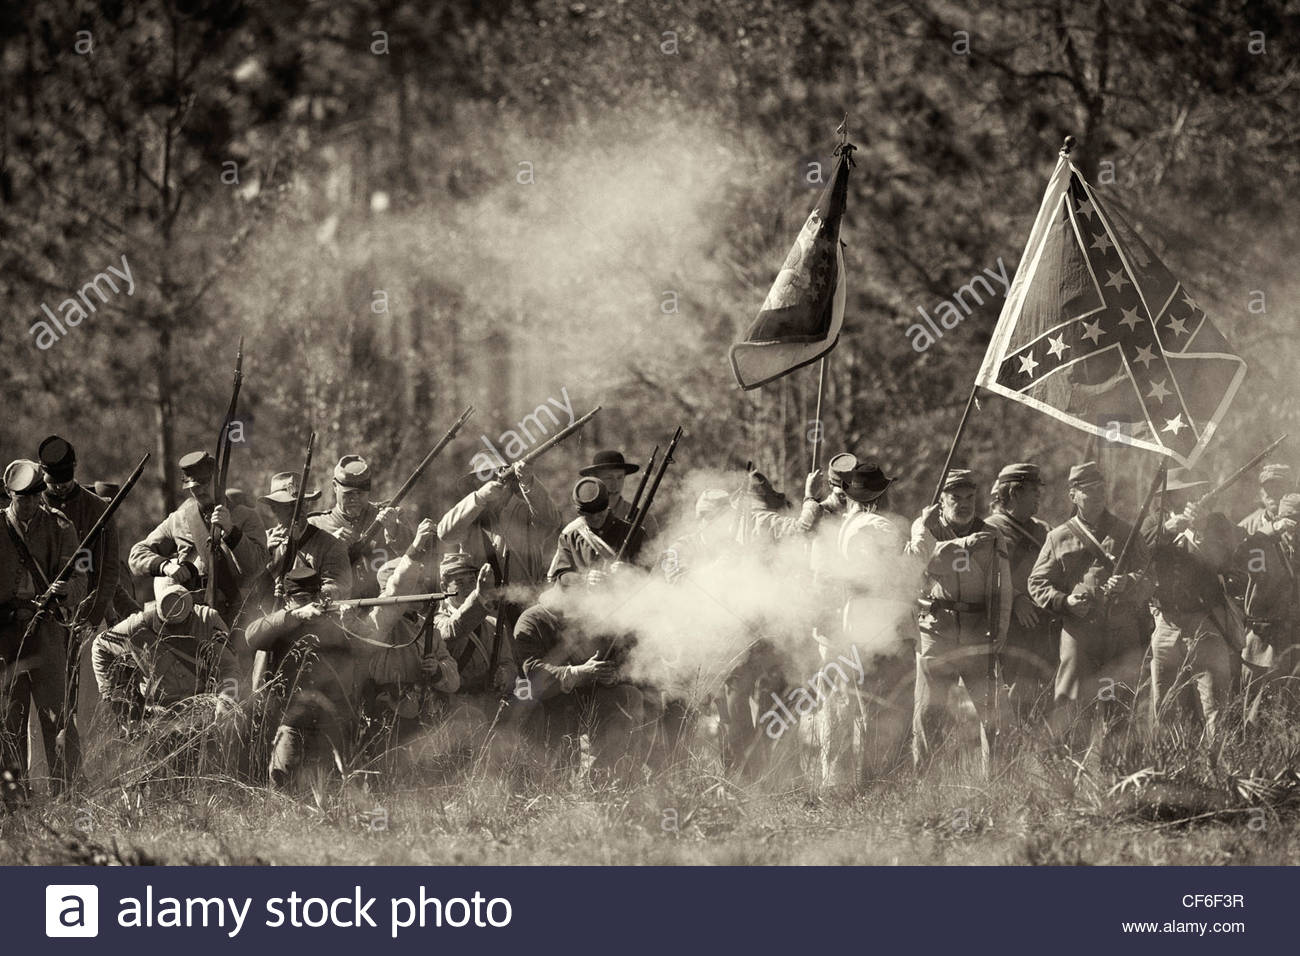 Olustee Civil War Reenactment, Olustee, Florida Stock Photo